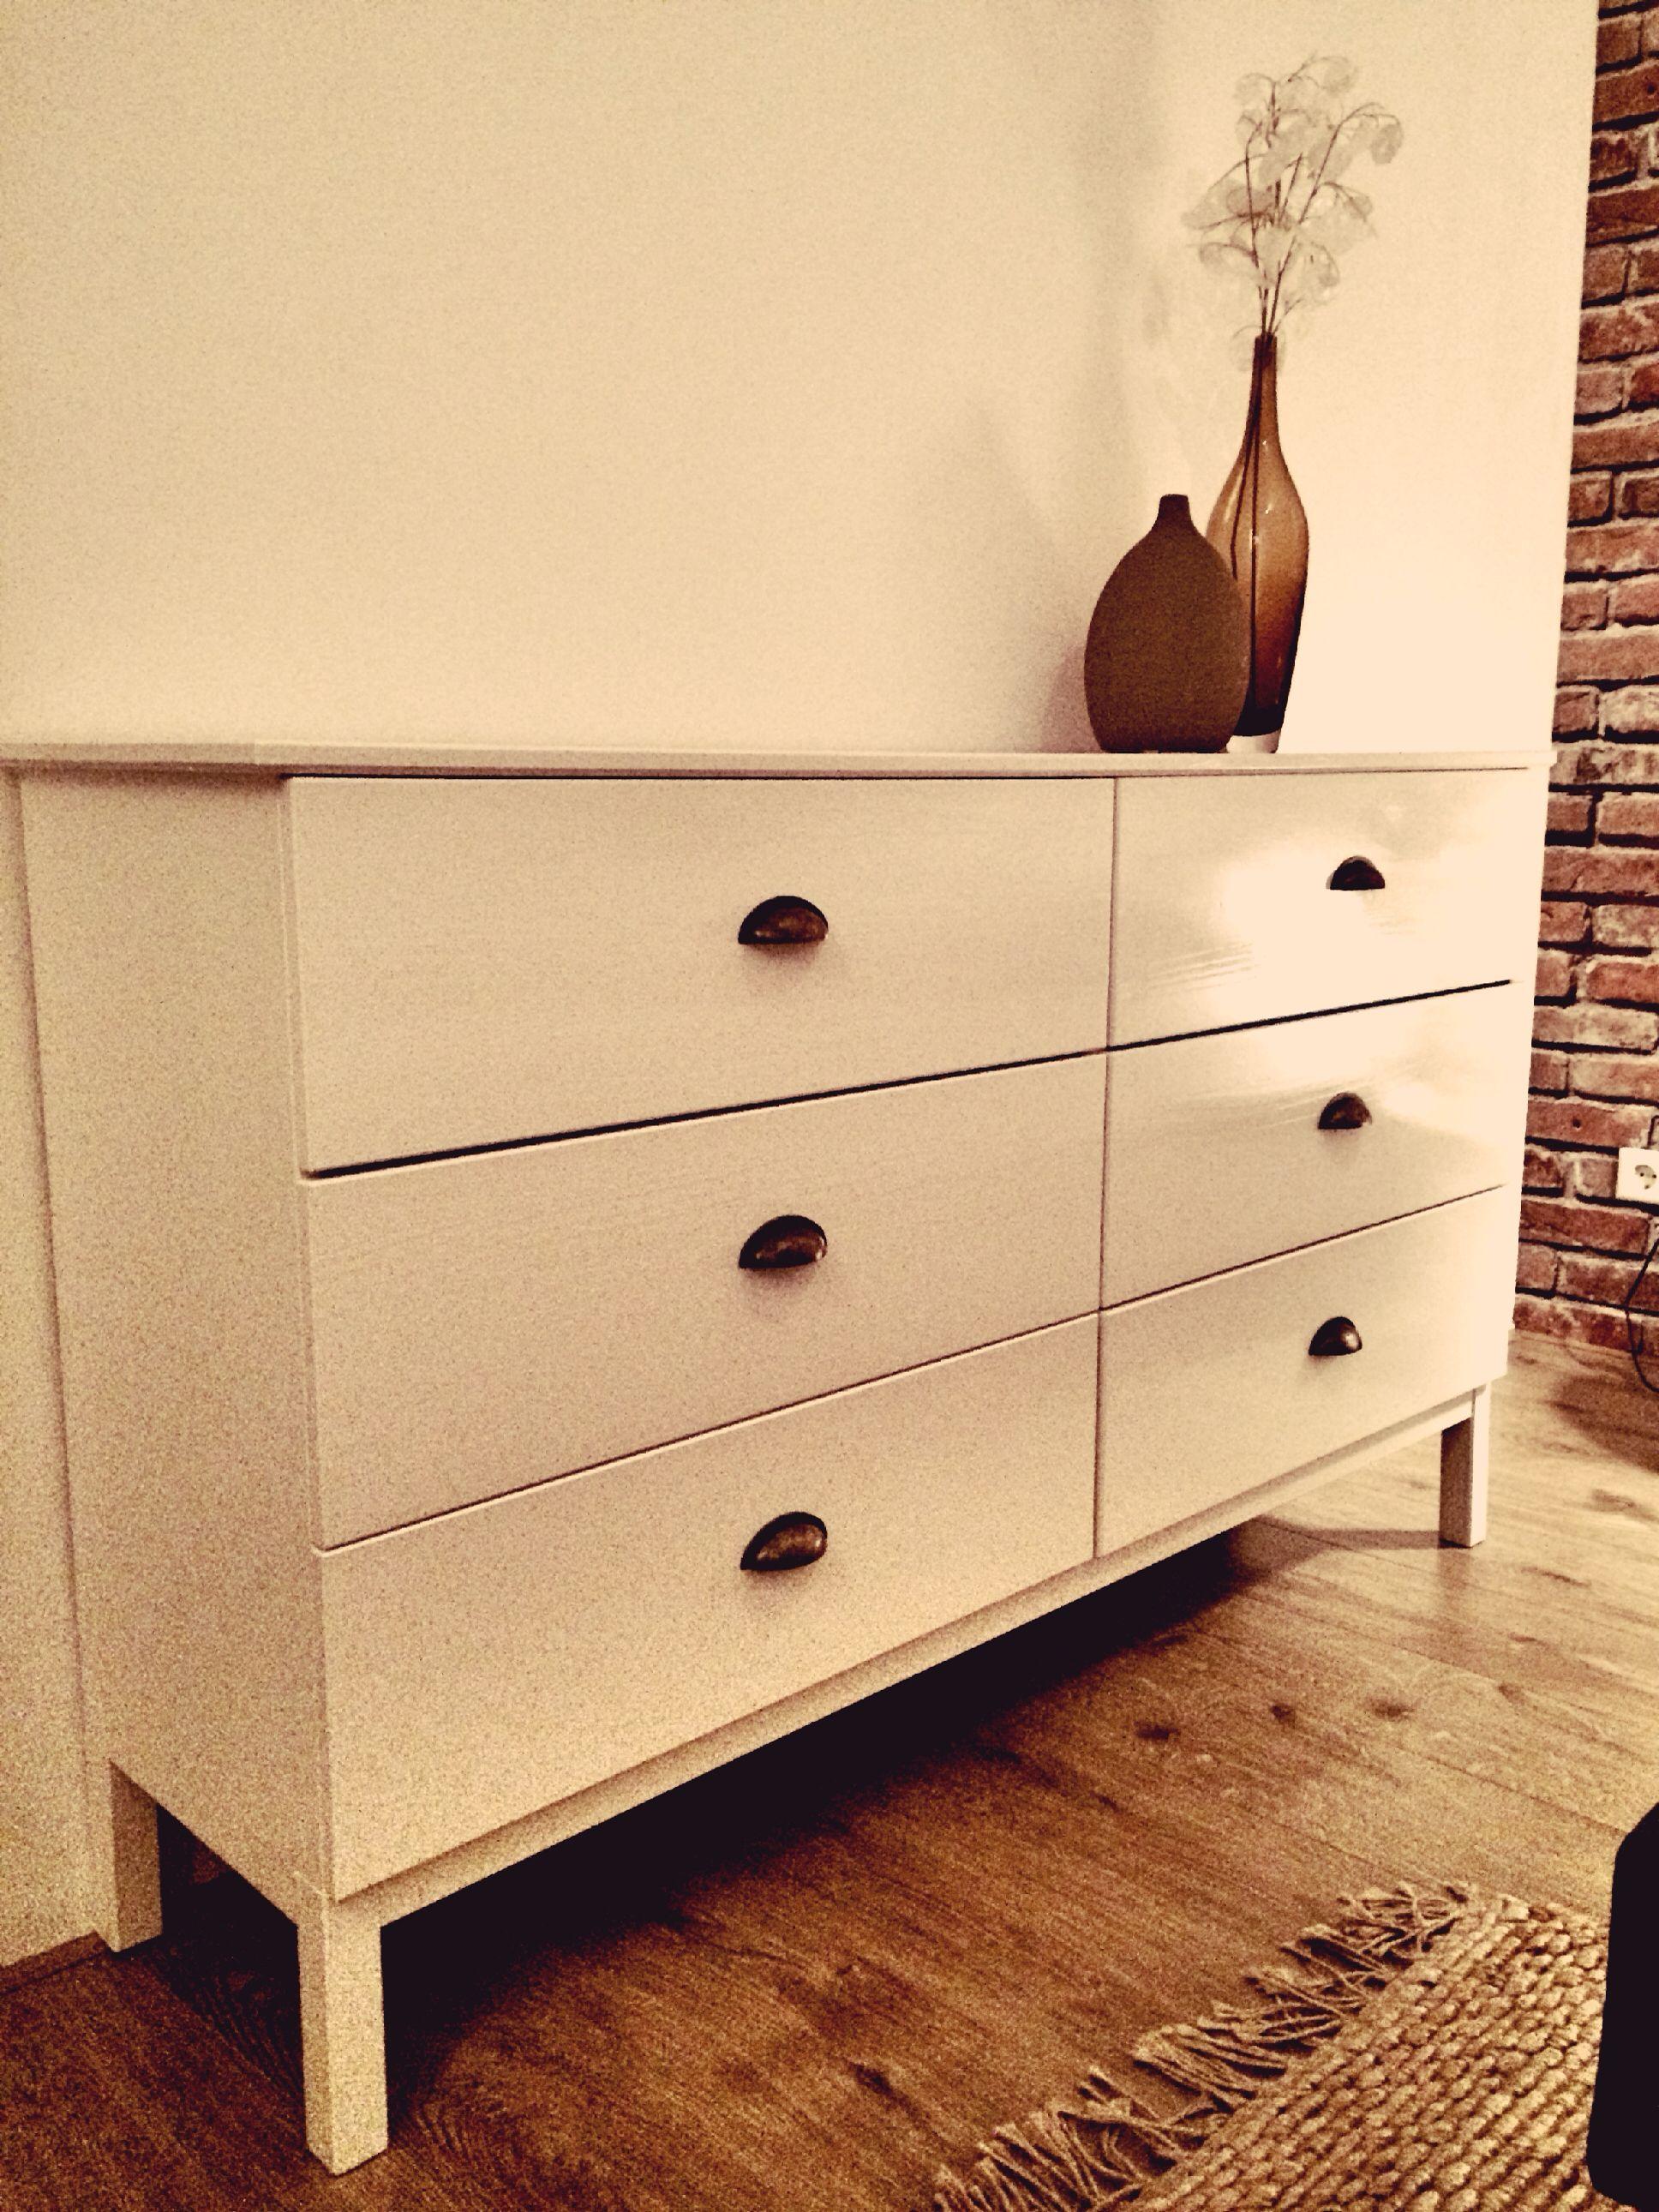 My own Ikea Tarva hack   Redo furniture, Ikea, Furniture